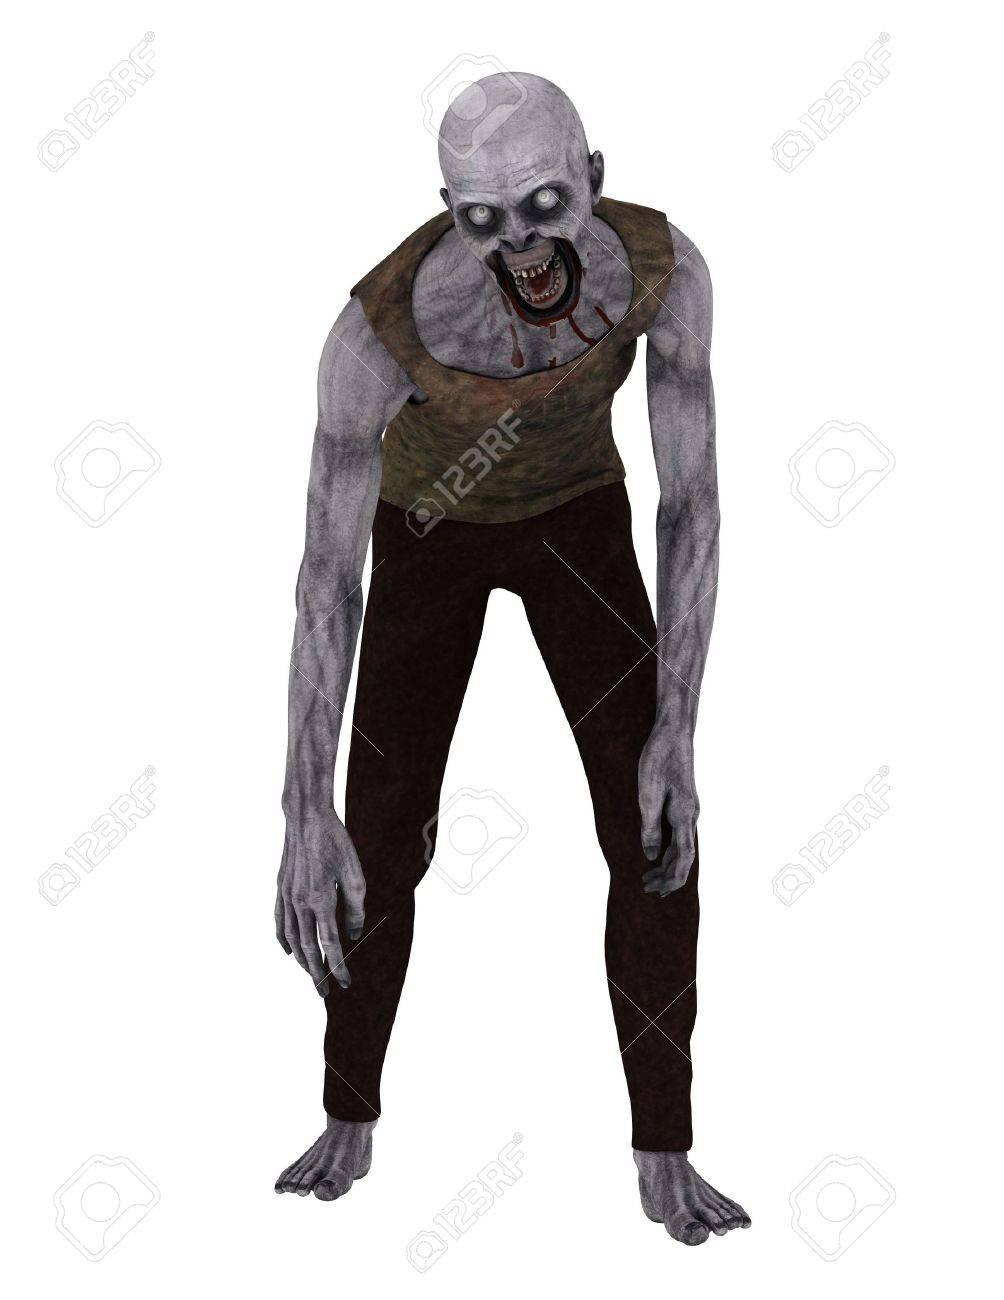 zombie - 20681542